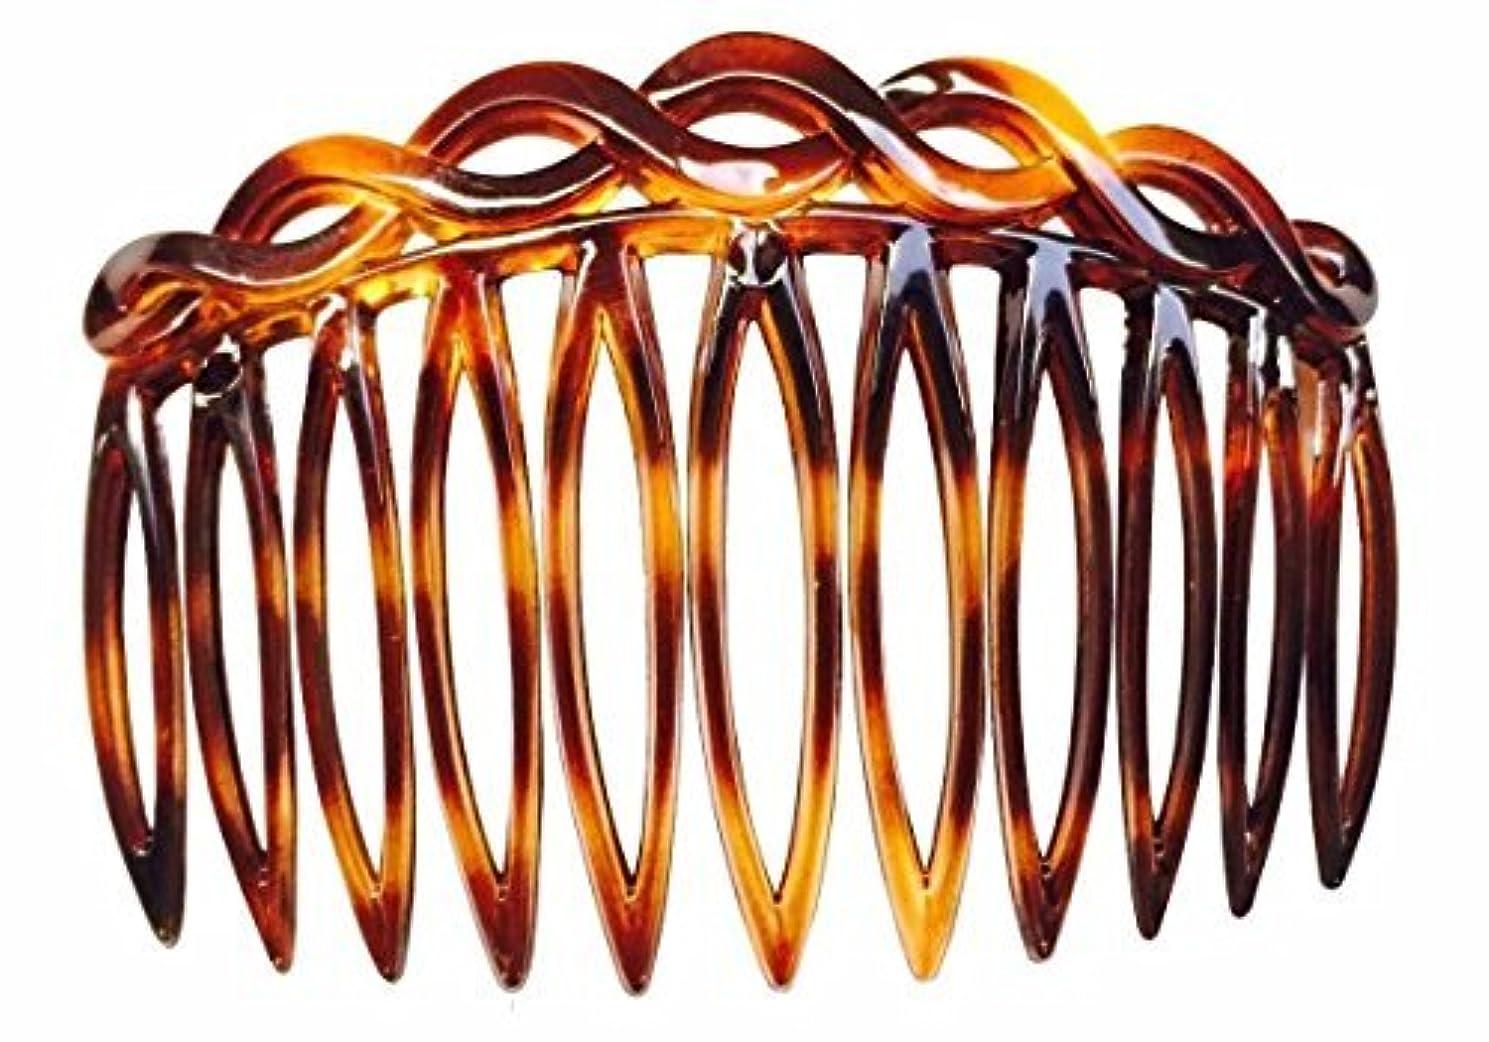 ビデオブリリアントメディックParcelona French 2 Pieces Open Curved Celluloid Shell Side Hair Combs - 3 Inch (2 Pcs) [並行輸入品]